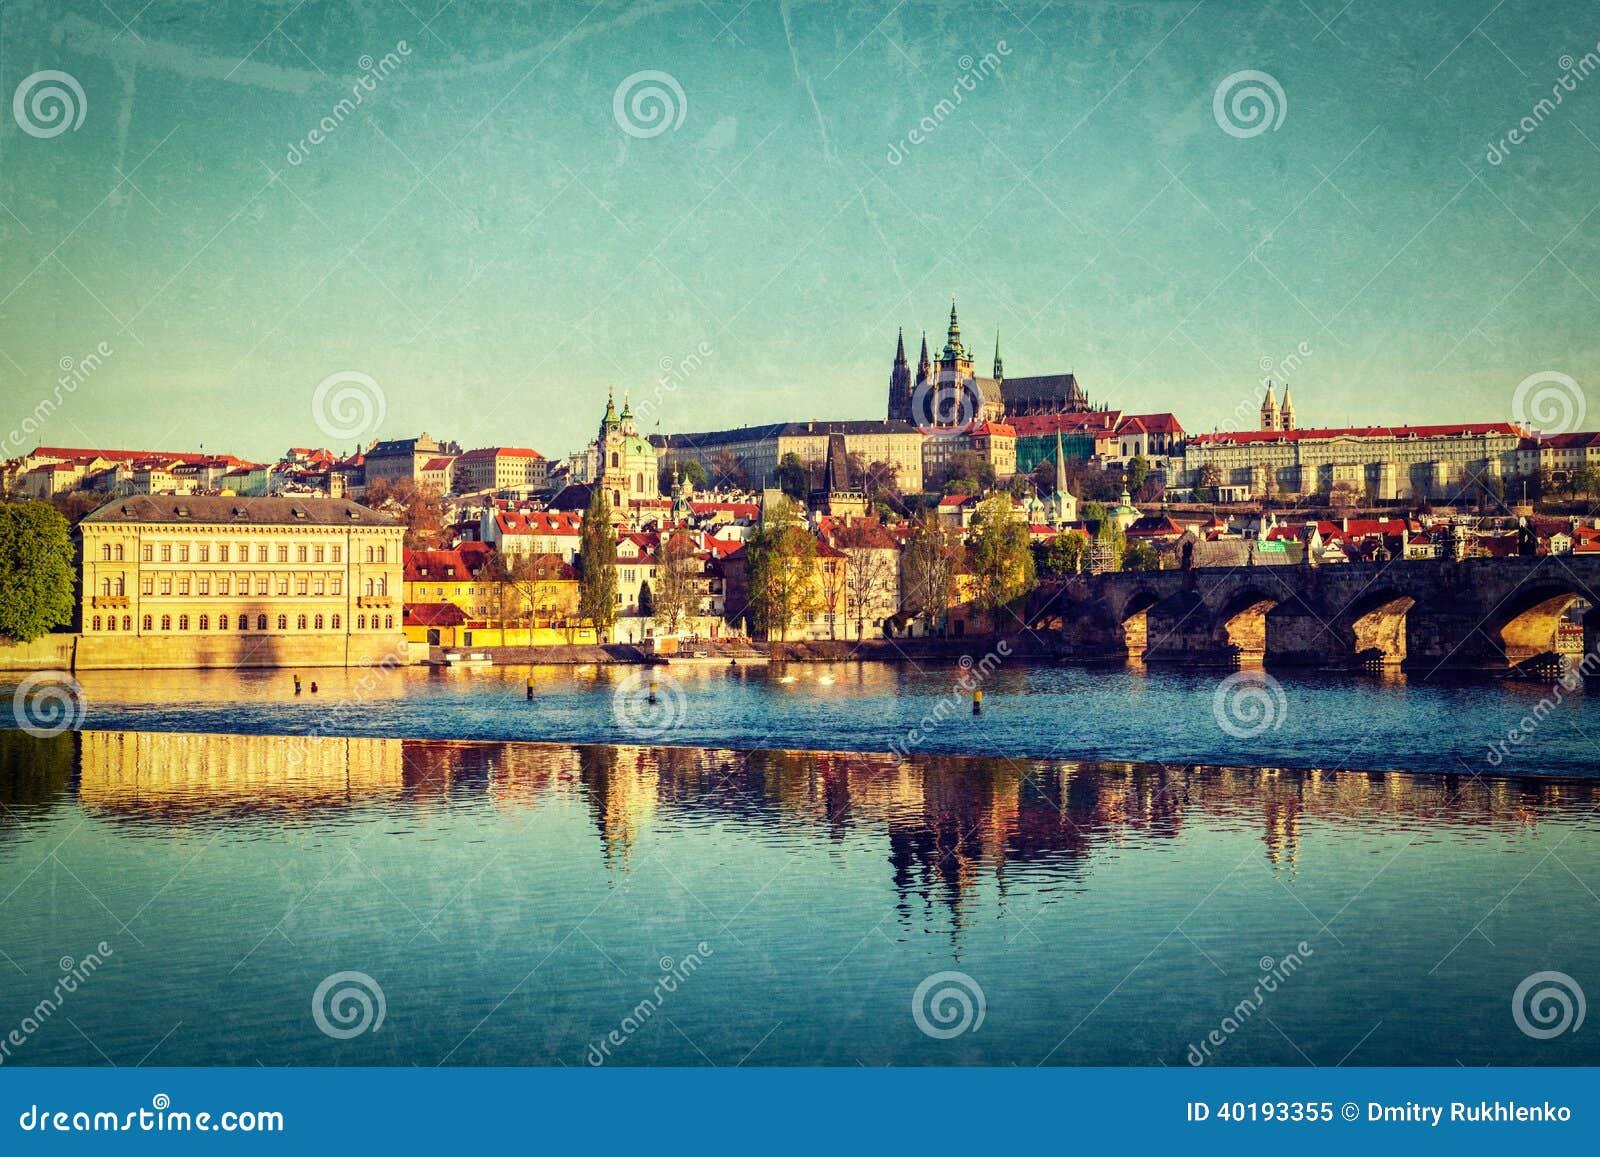 Vista del castillo de Mala Strana y de Praga sobre el río de Moldava